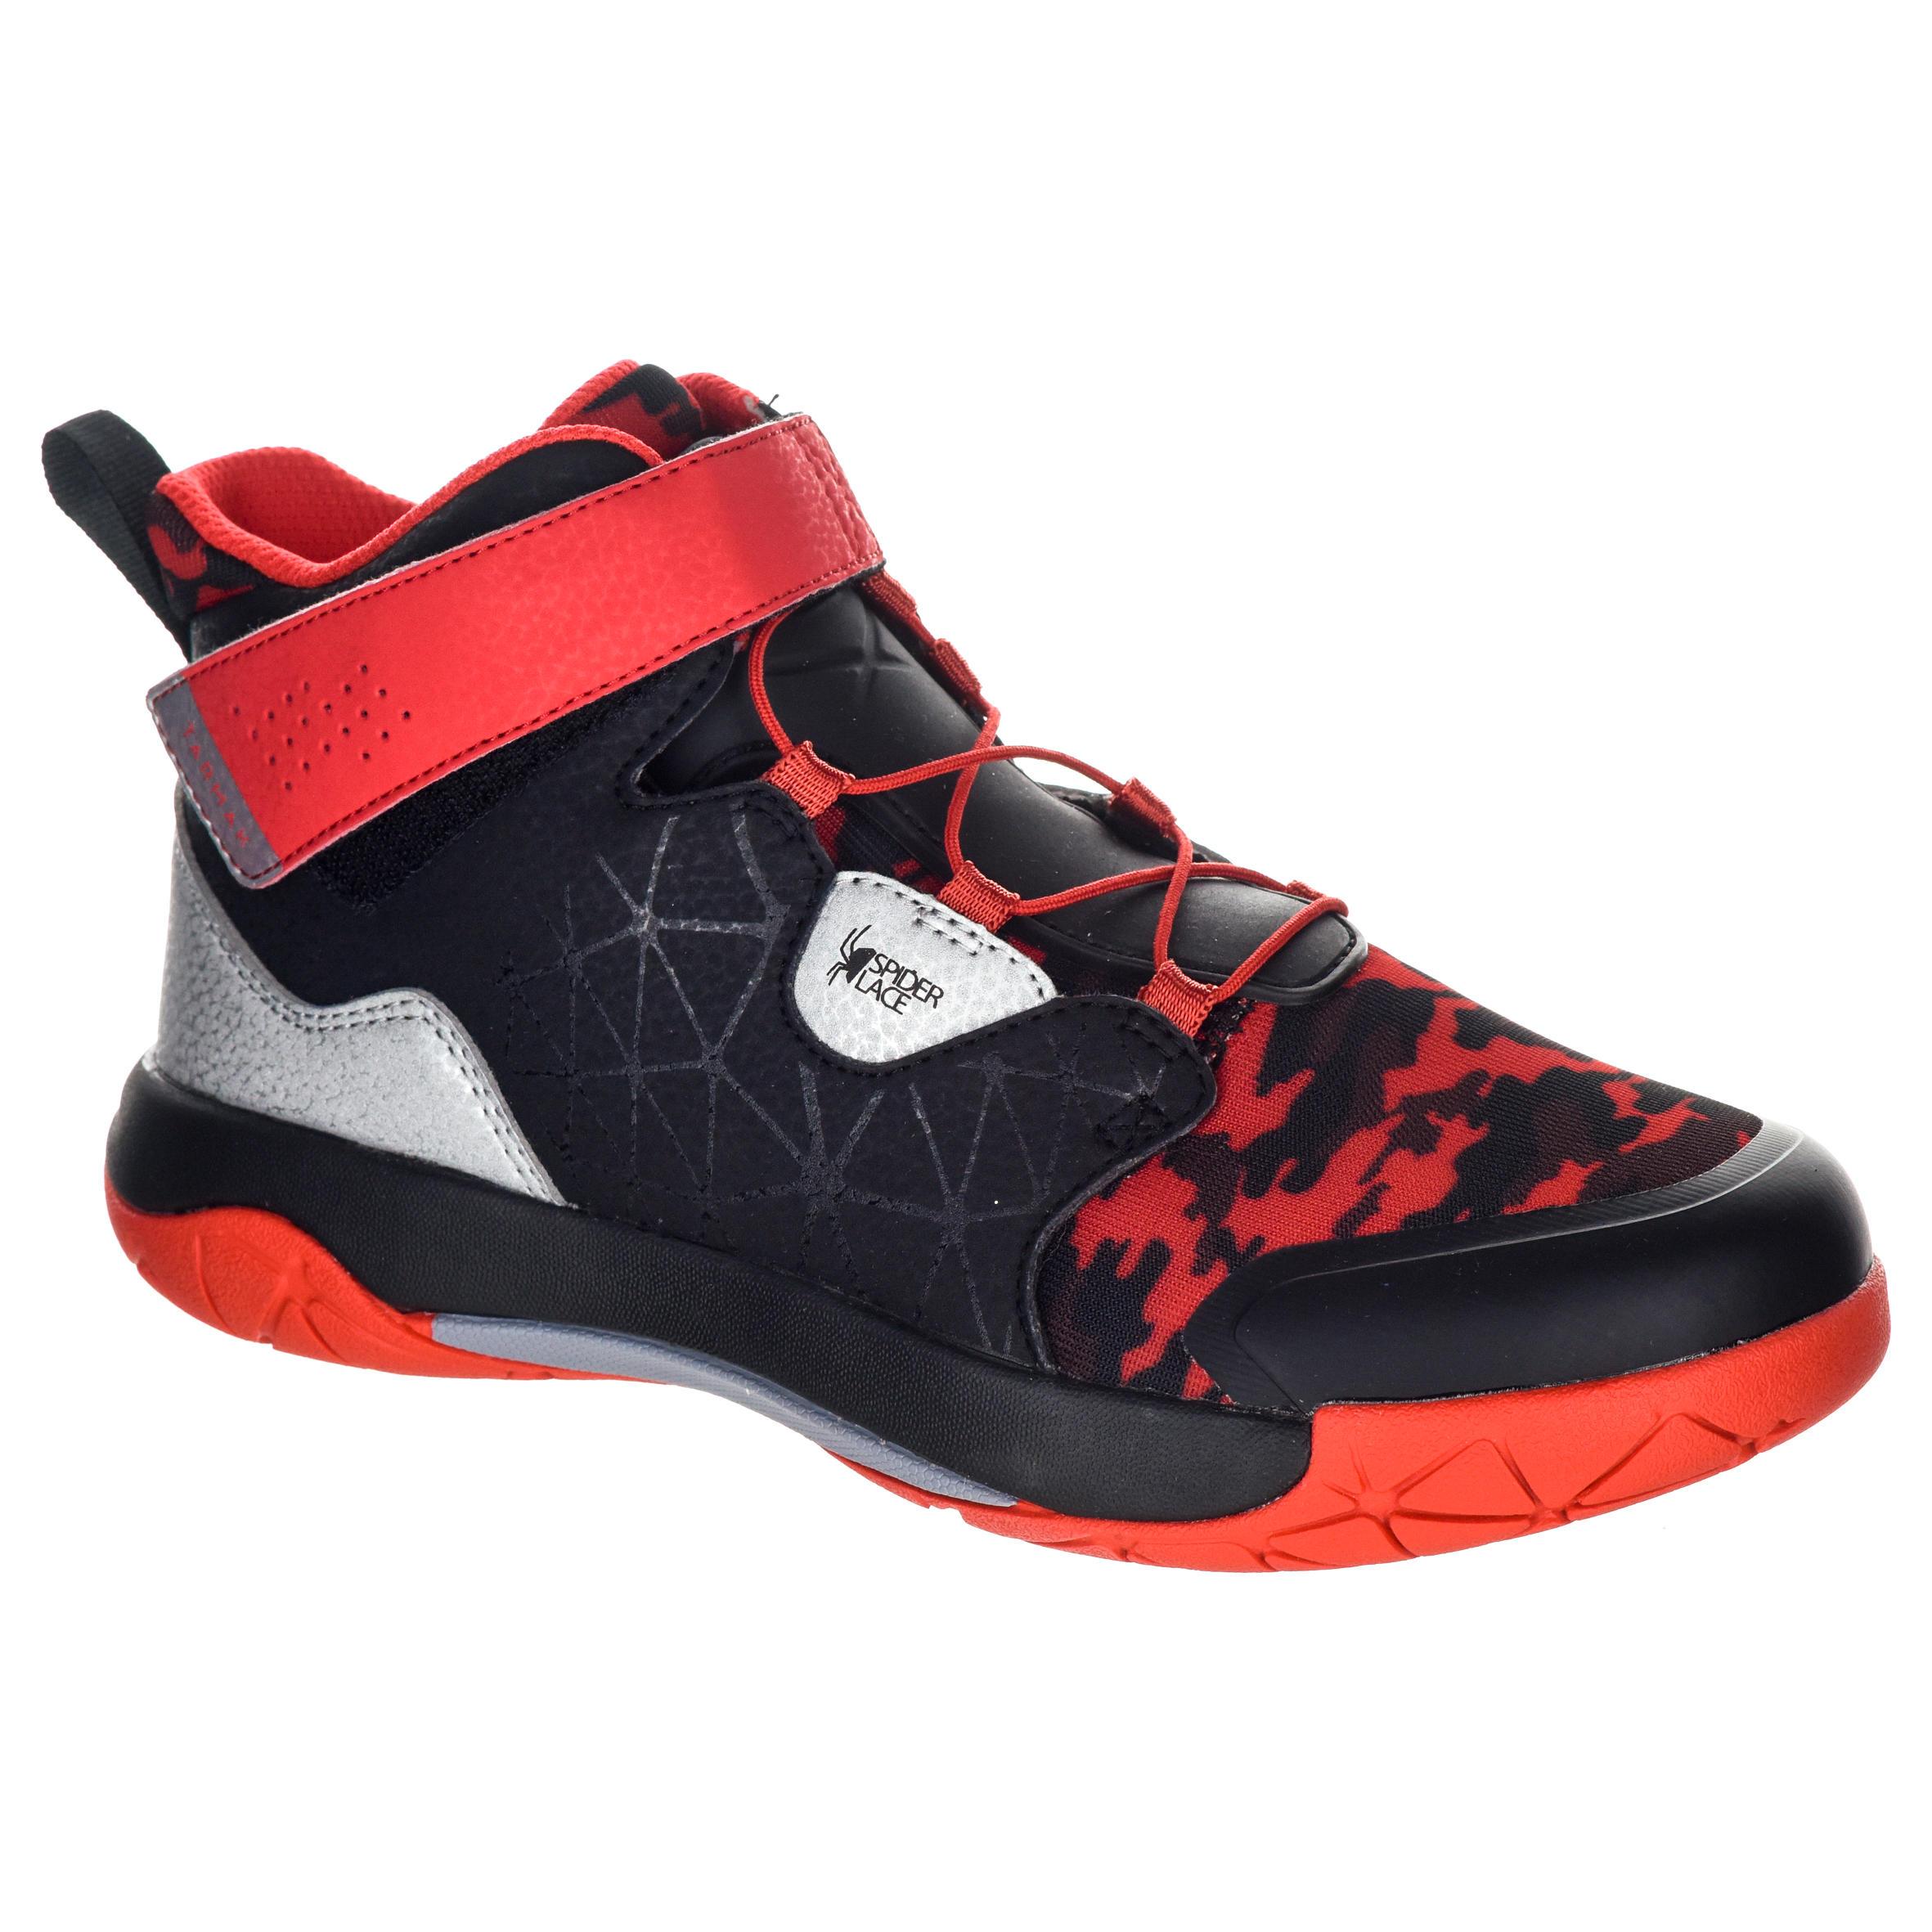 Tarmak Basketbalschoenen voor gevorderde meisjes Spider Lace